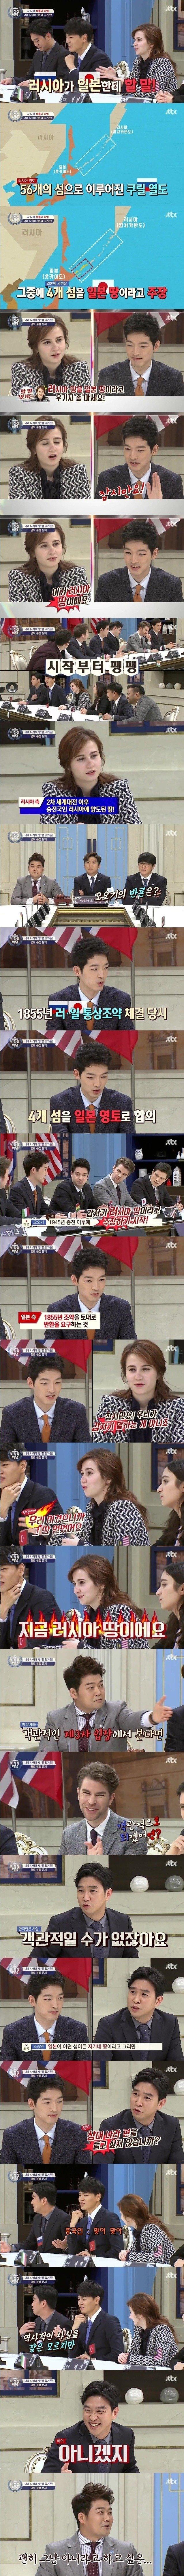 많은 한국인들이 느끼는 감정